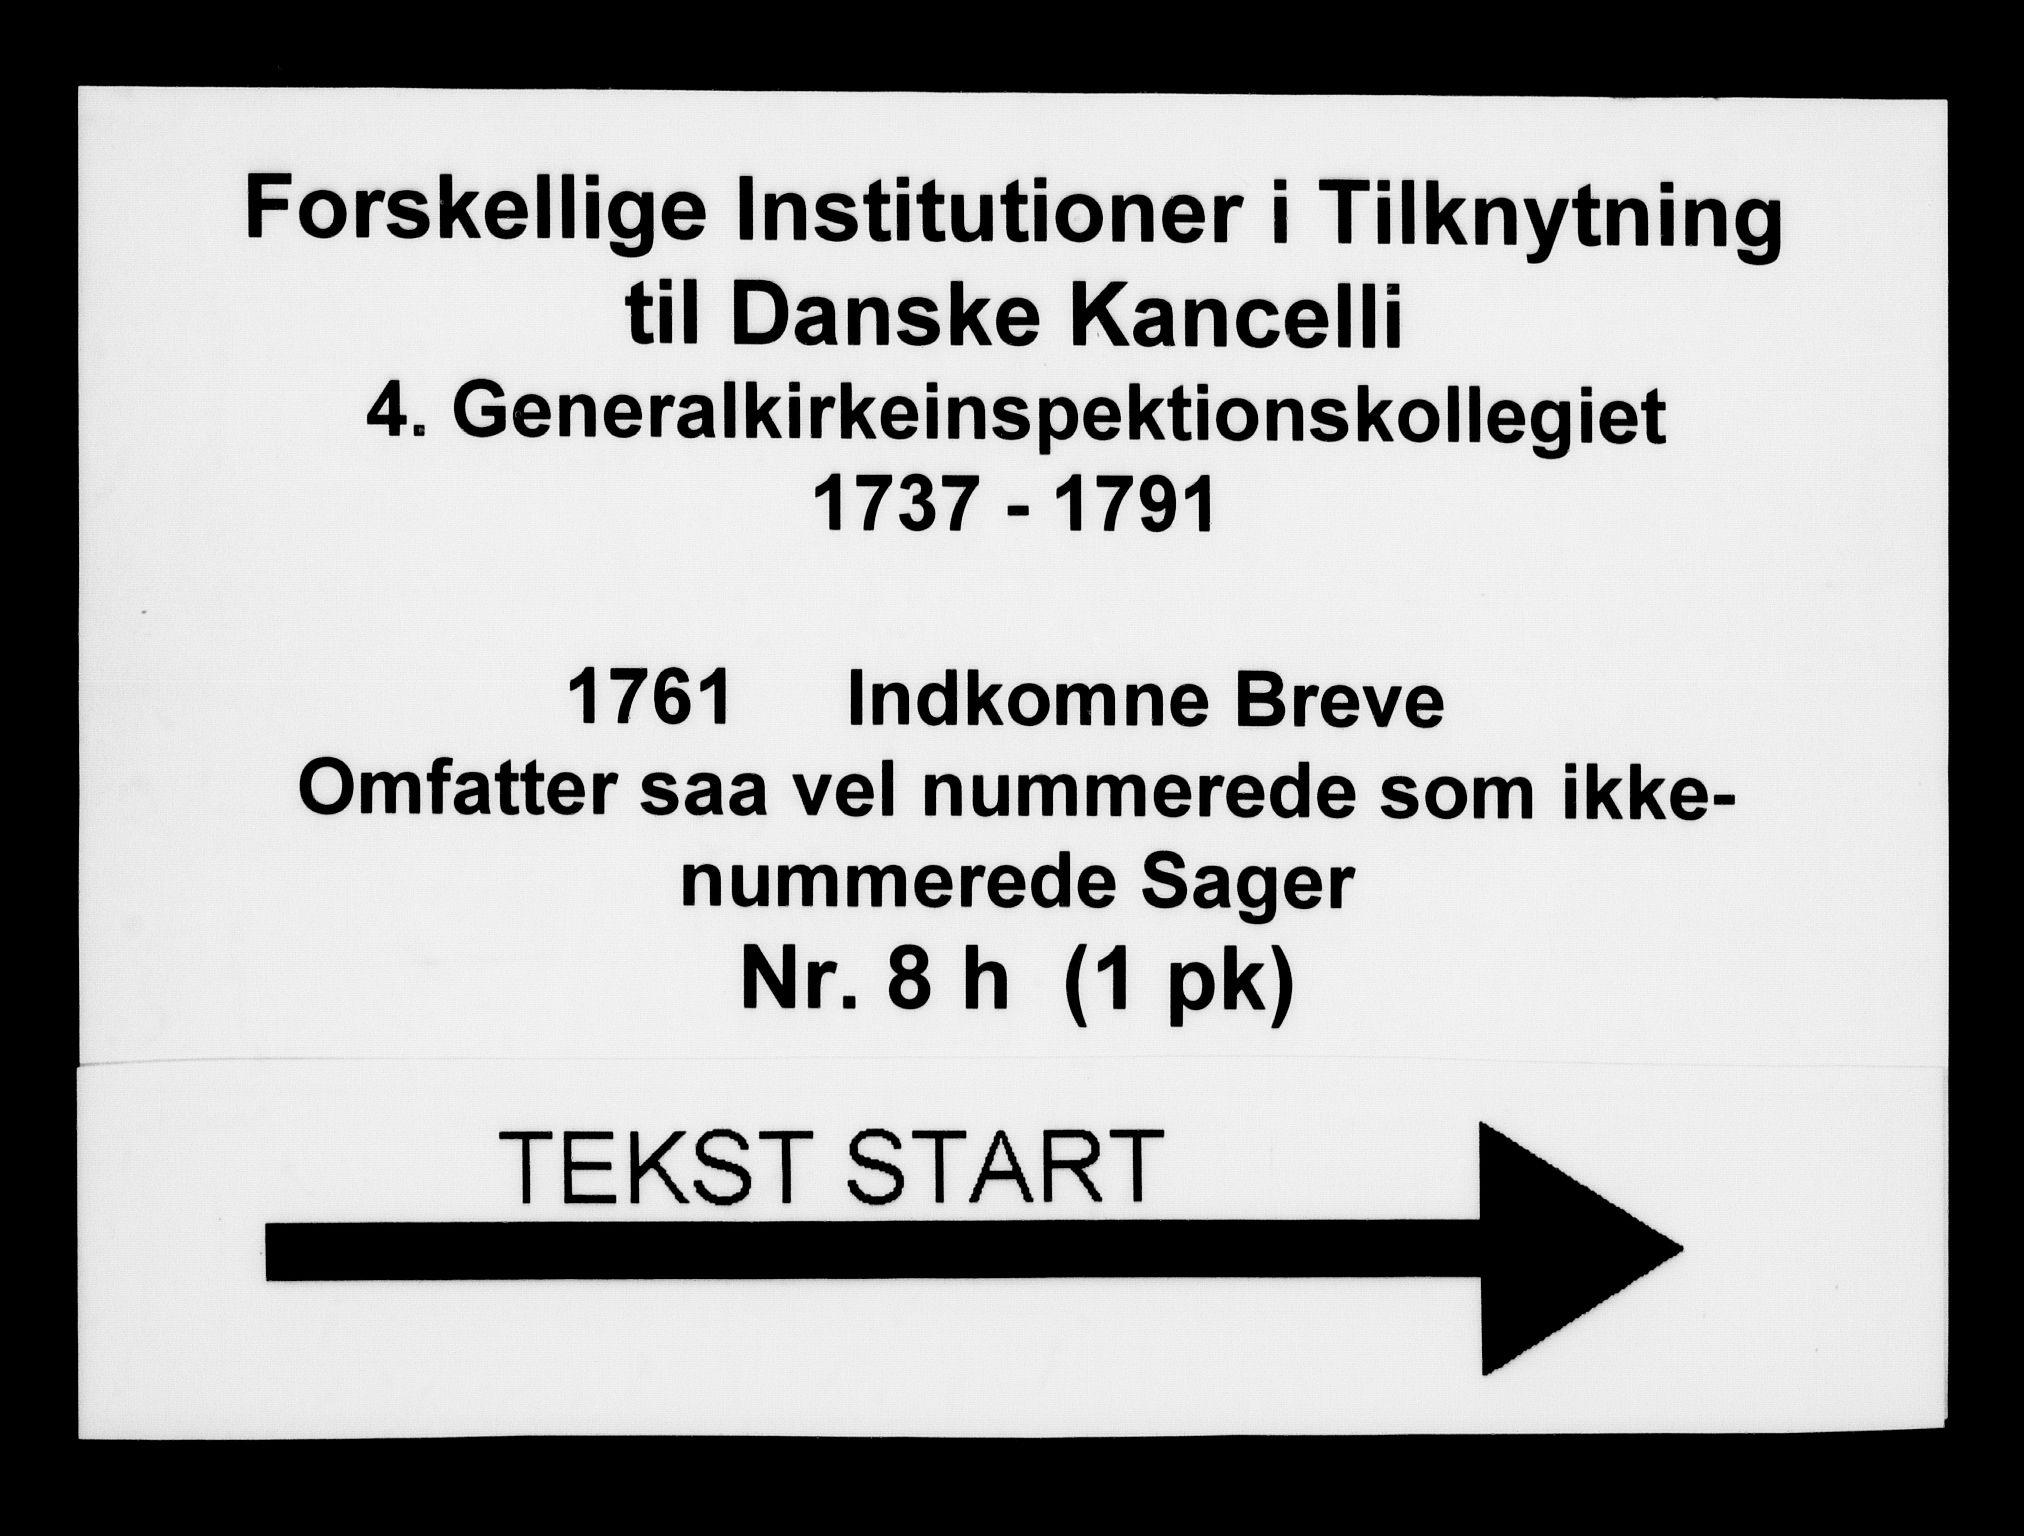 DRA, Generalkirkeinspektionskollegiet, F4-08/F4-08-08: Indkomne sager, 1761